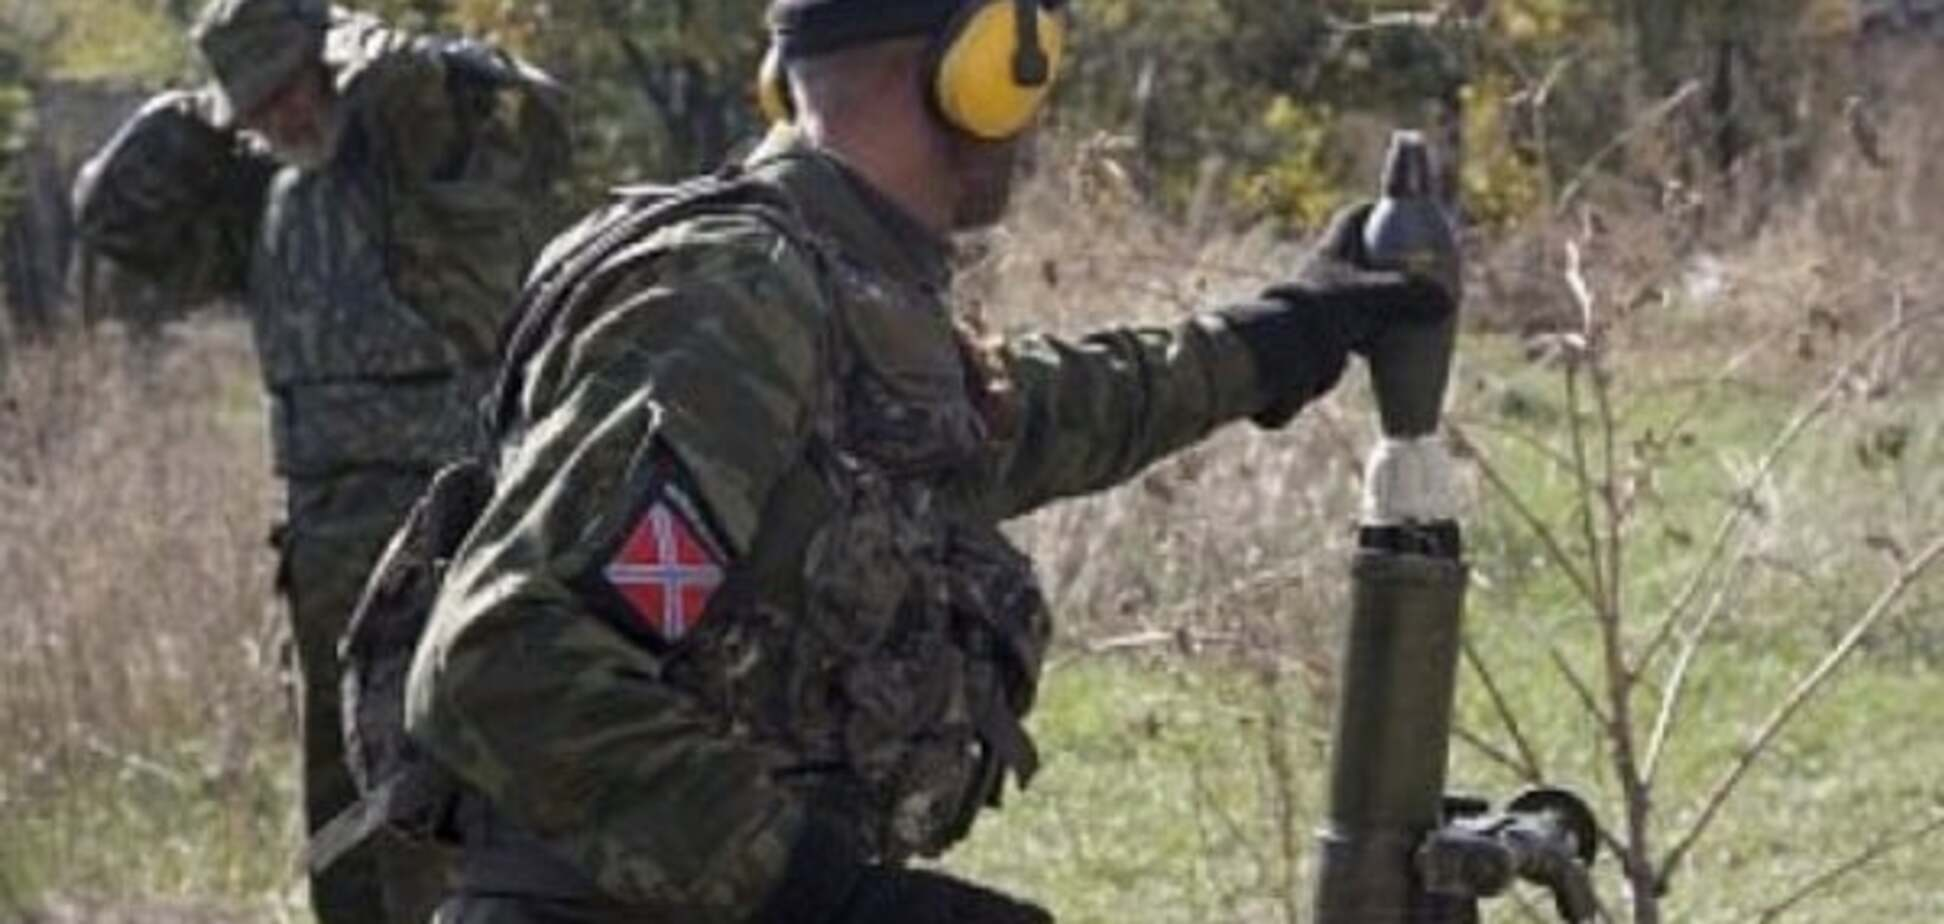 Терористи завдали вогневих ударів по бійцях АТО в Авдіївці та Зайцевому